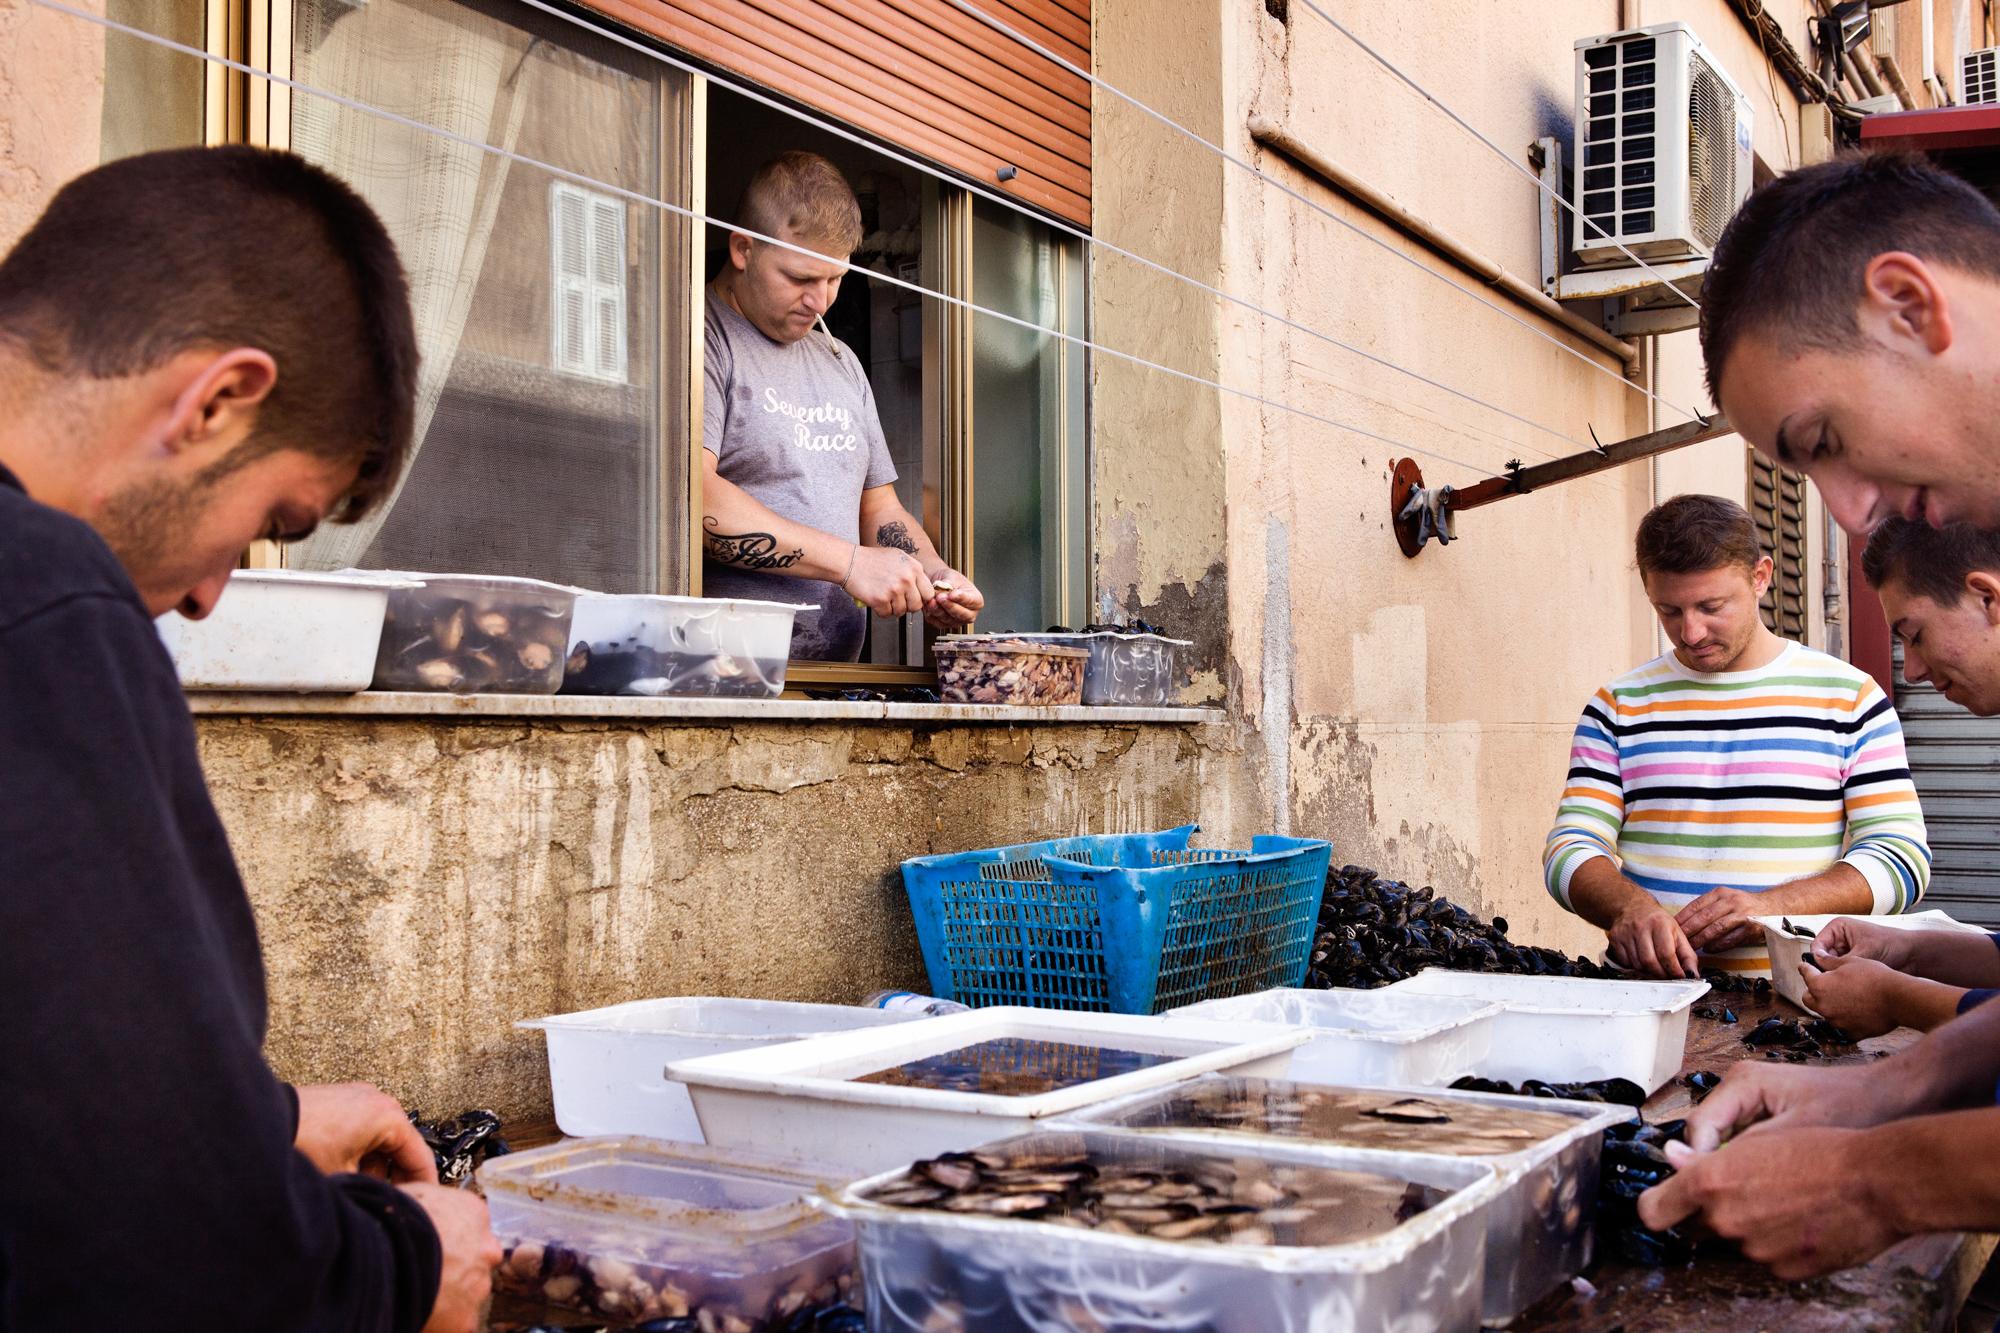 Taranto, Italia, 26 Settembre 2013. Armando e i suoi amici puliscono le cozze nella Città Vecchia. Armando è agli arresti domiciliari, per questo motivo lavora dalla finestra di casa. Nel 2012, a causa dell'alta concentrazione di diossina e Pcb rilevata dalla Asl di Taranto, sono state fatte distruggere circa 20 mila tonnellate di cozze (metà della produzione complessiva). Attualmente è vietata la coltura dei mitili nel primo seno del Mar Piccolo. In questo modo si perdono quelle caratteristiche ambientali che fornivano alle cozze e ostriche tarantine la loro unicità.